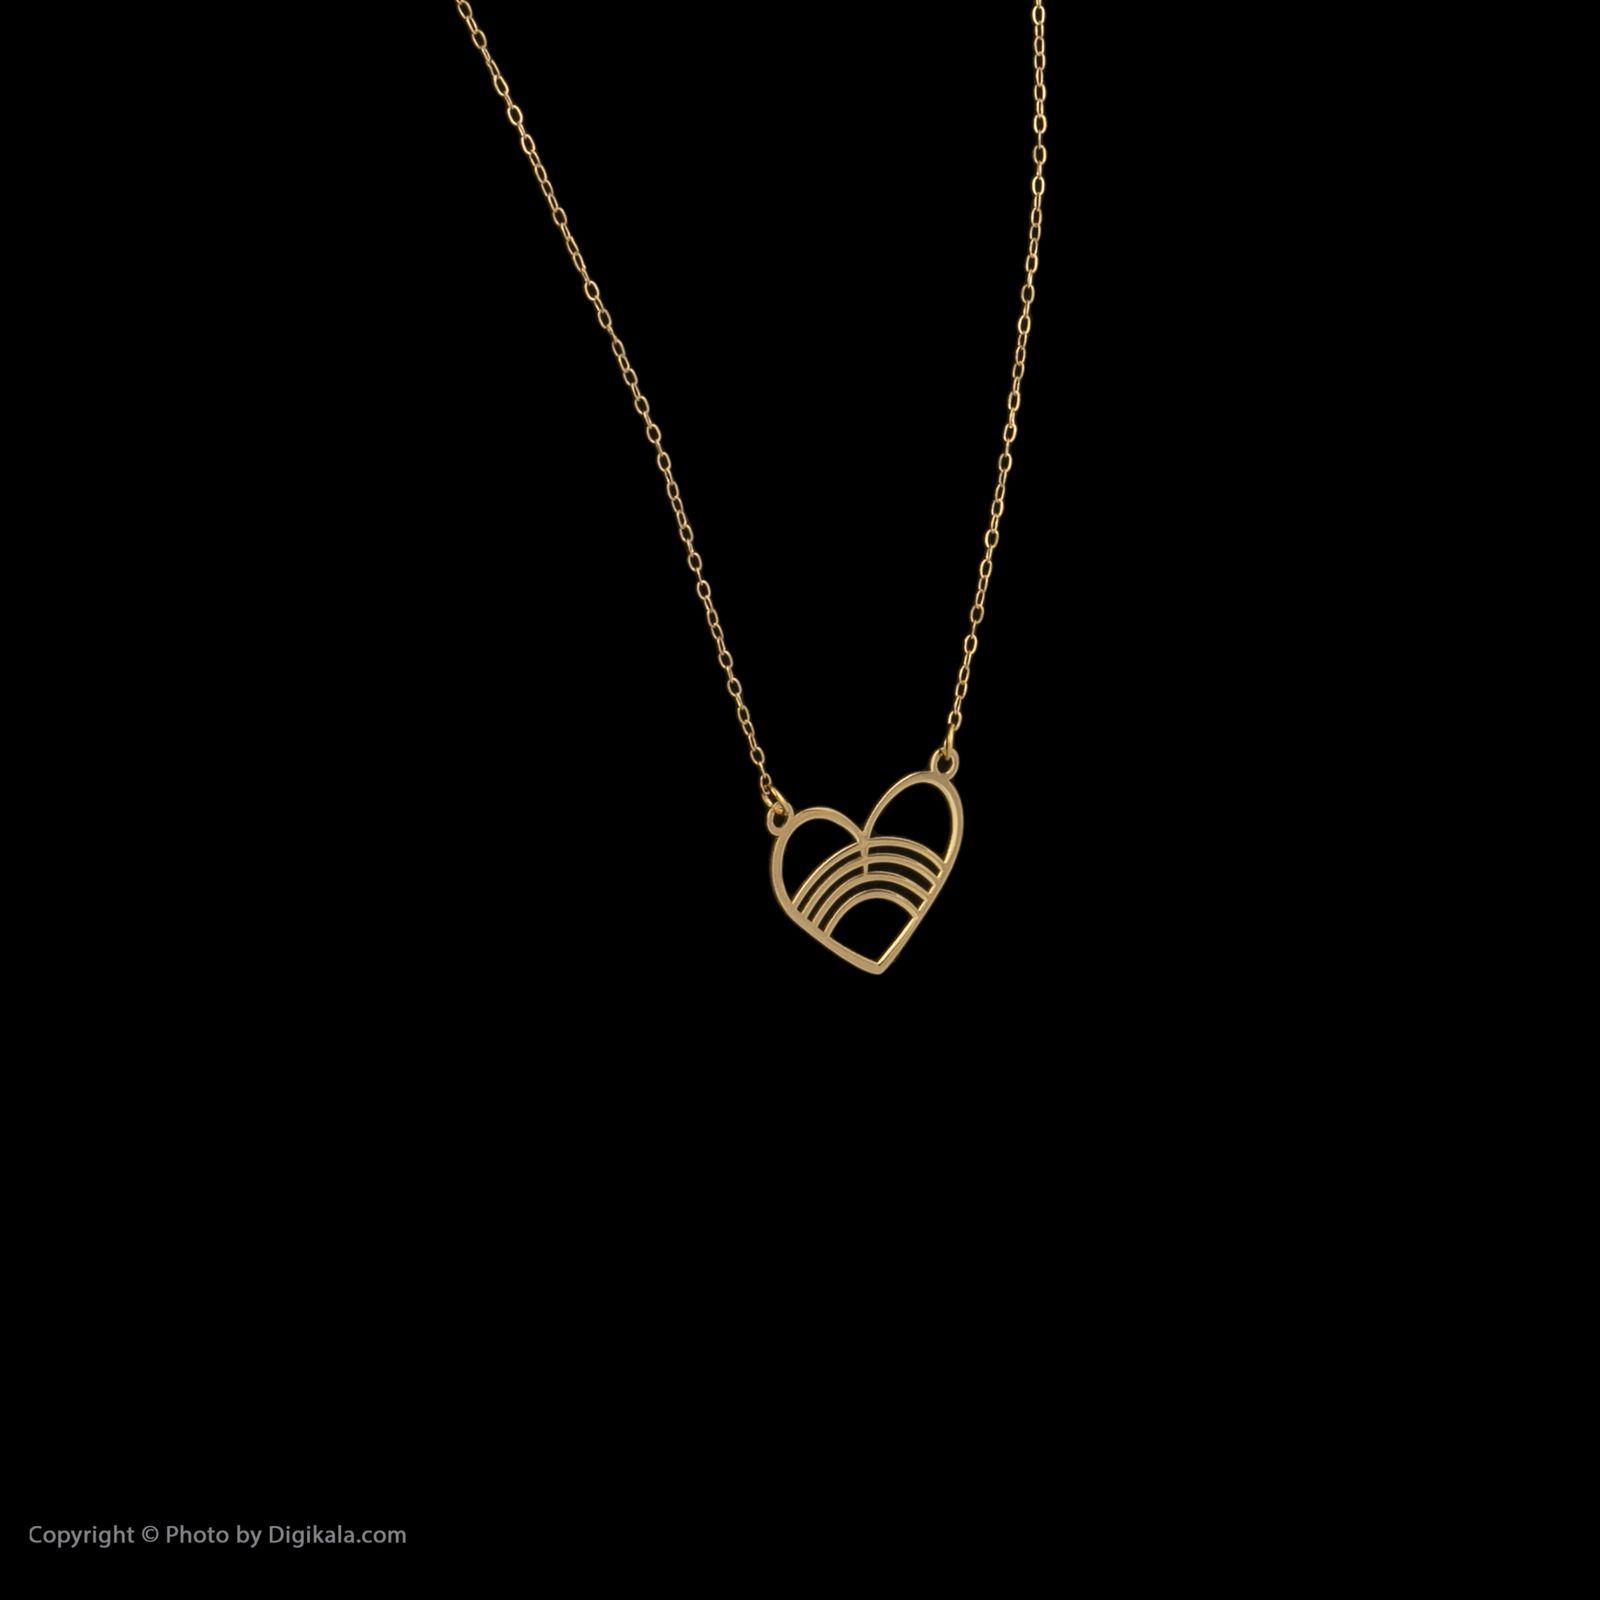 گردنبند طلا 18 عیار زنانه میو گلد مدل GD616 -  - 4